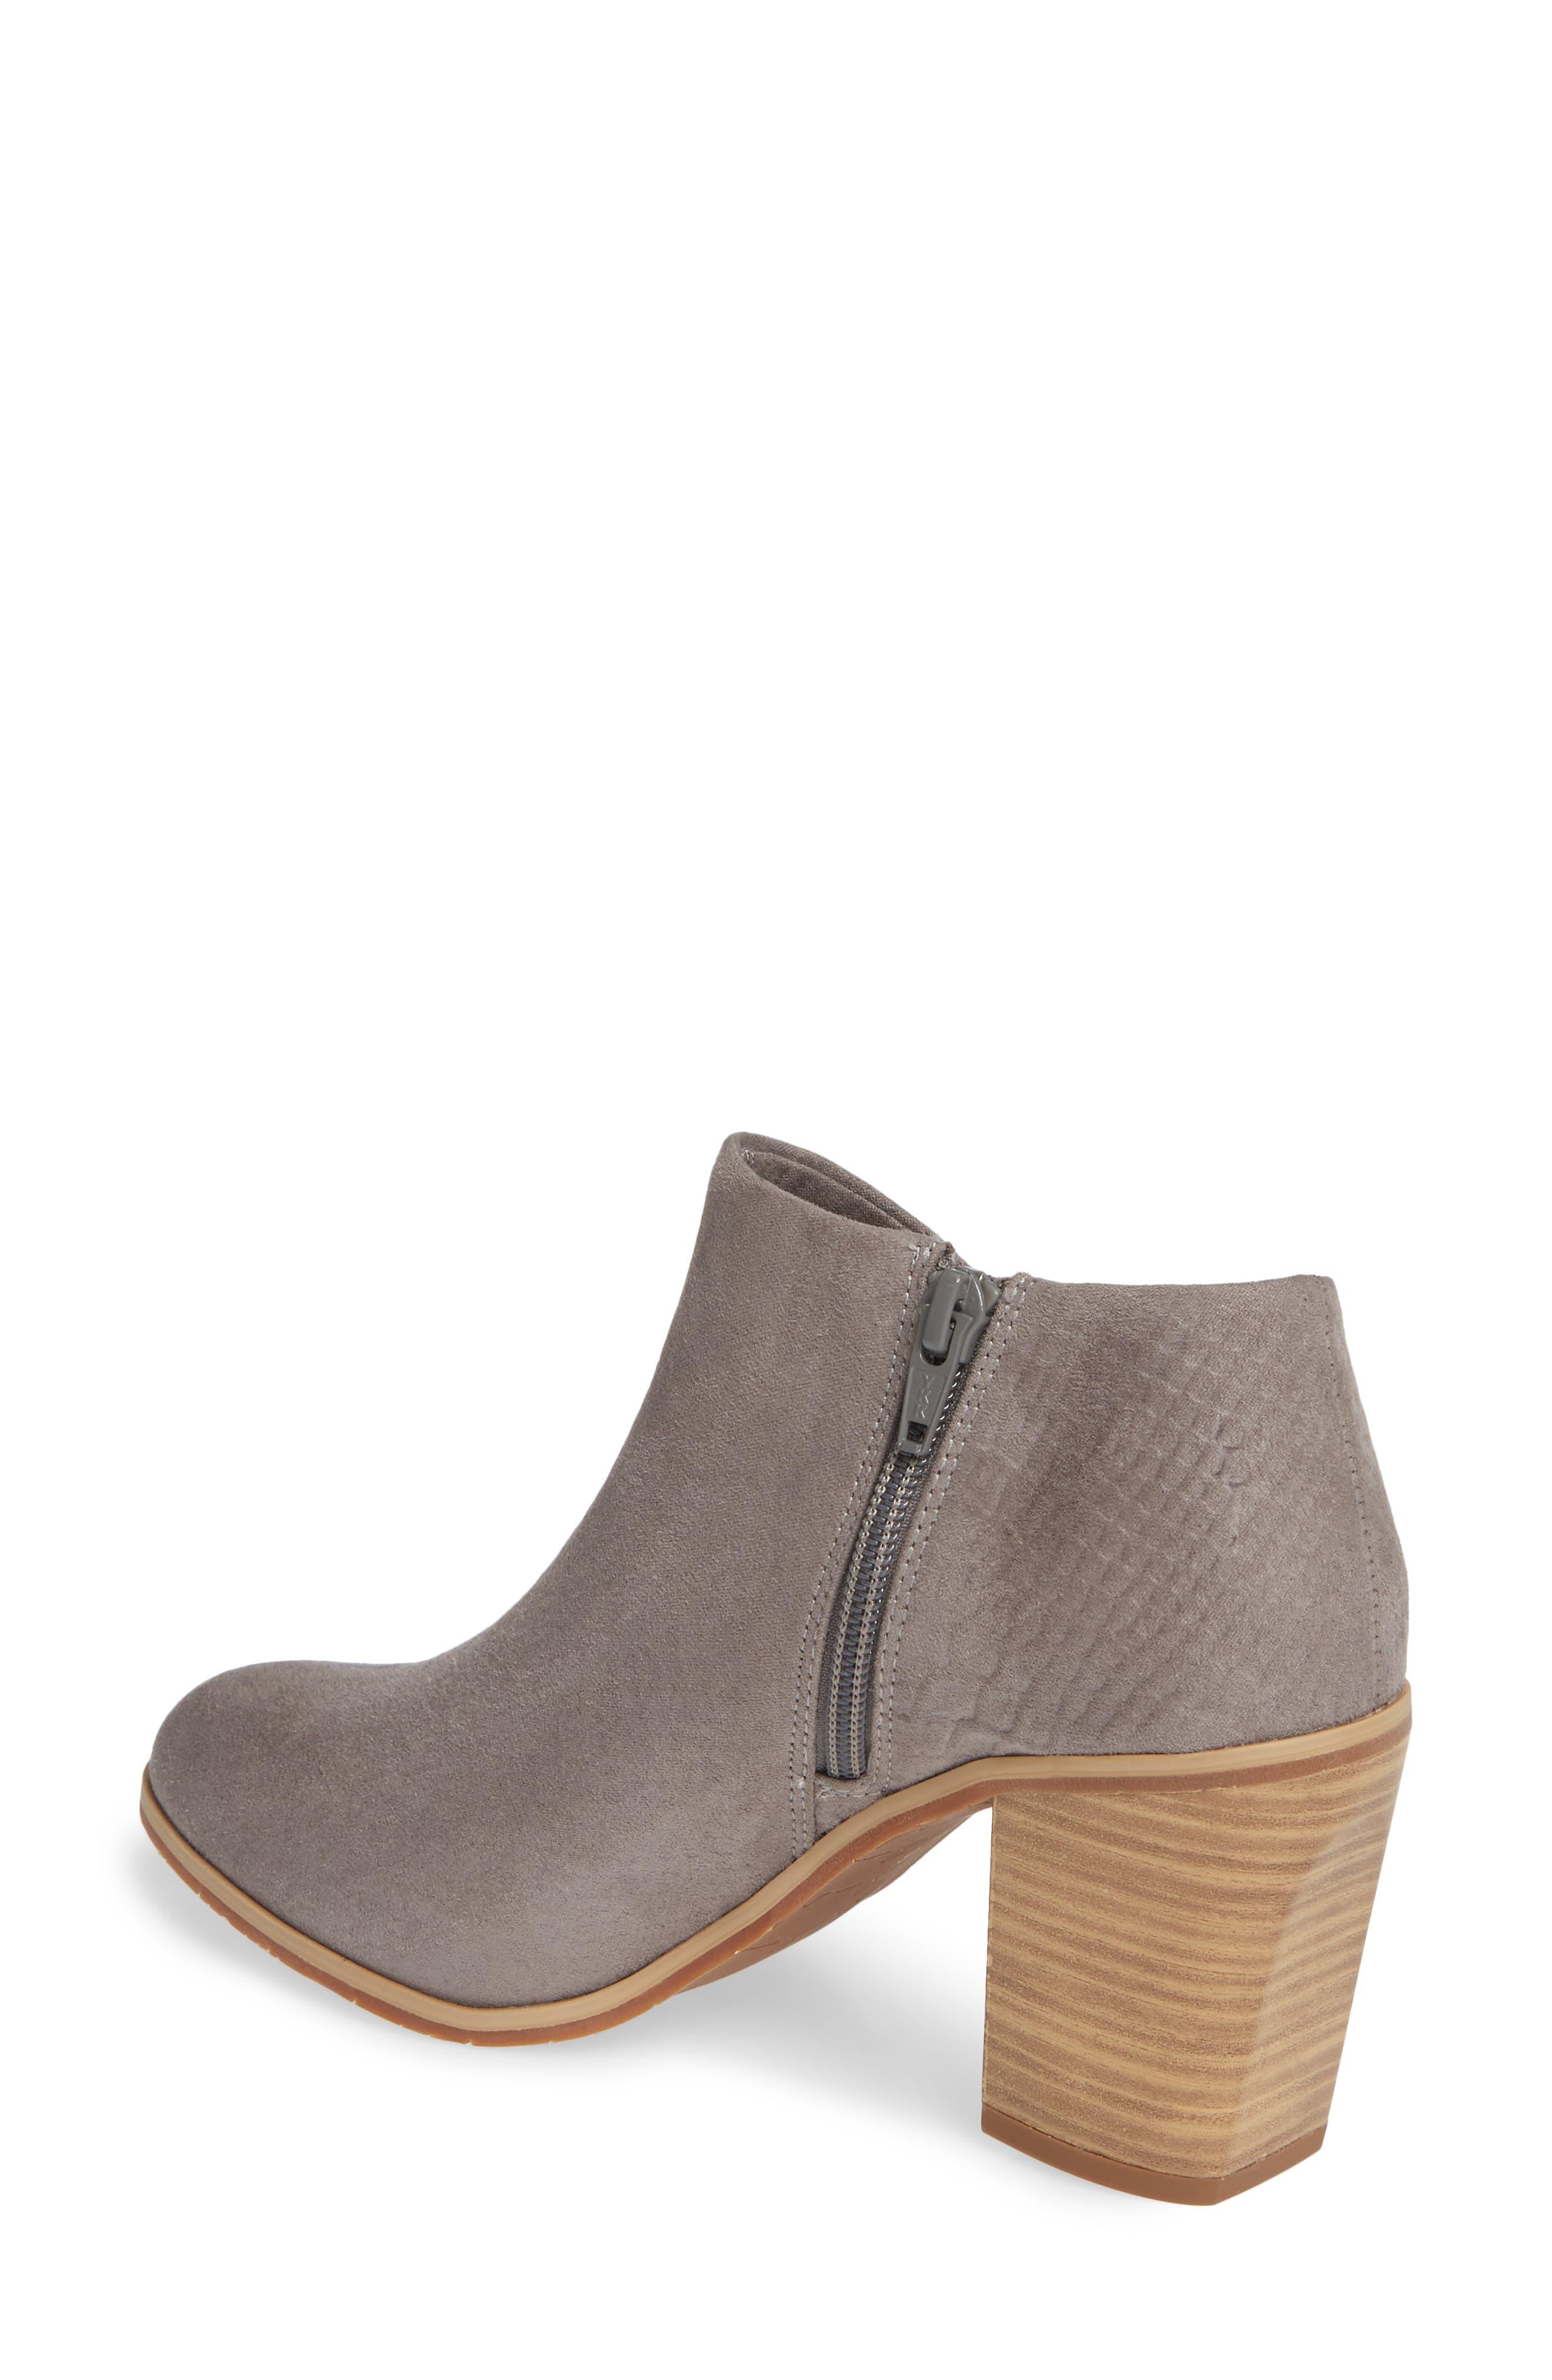 BC FOOTWEAR,                             Kettle Block Heel Bootie,                             Alternate thumbnail 2, color,                             GREY VEGAN SUEDE